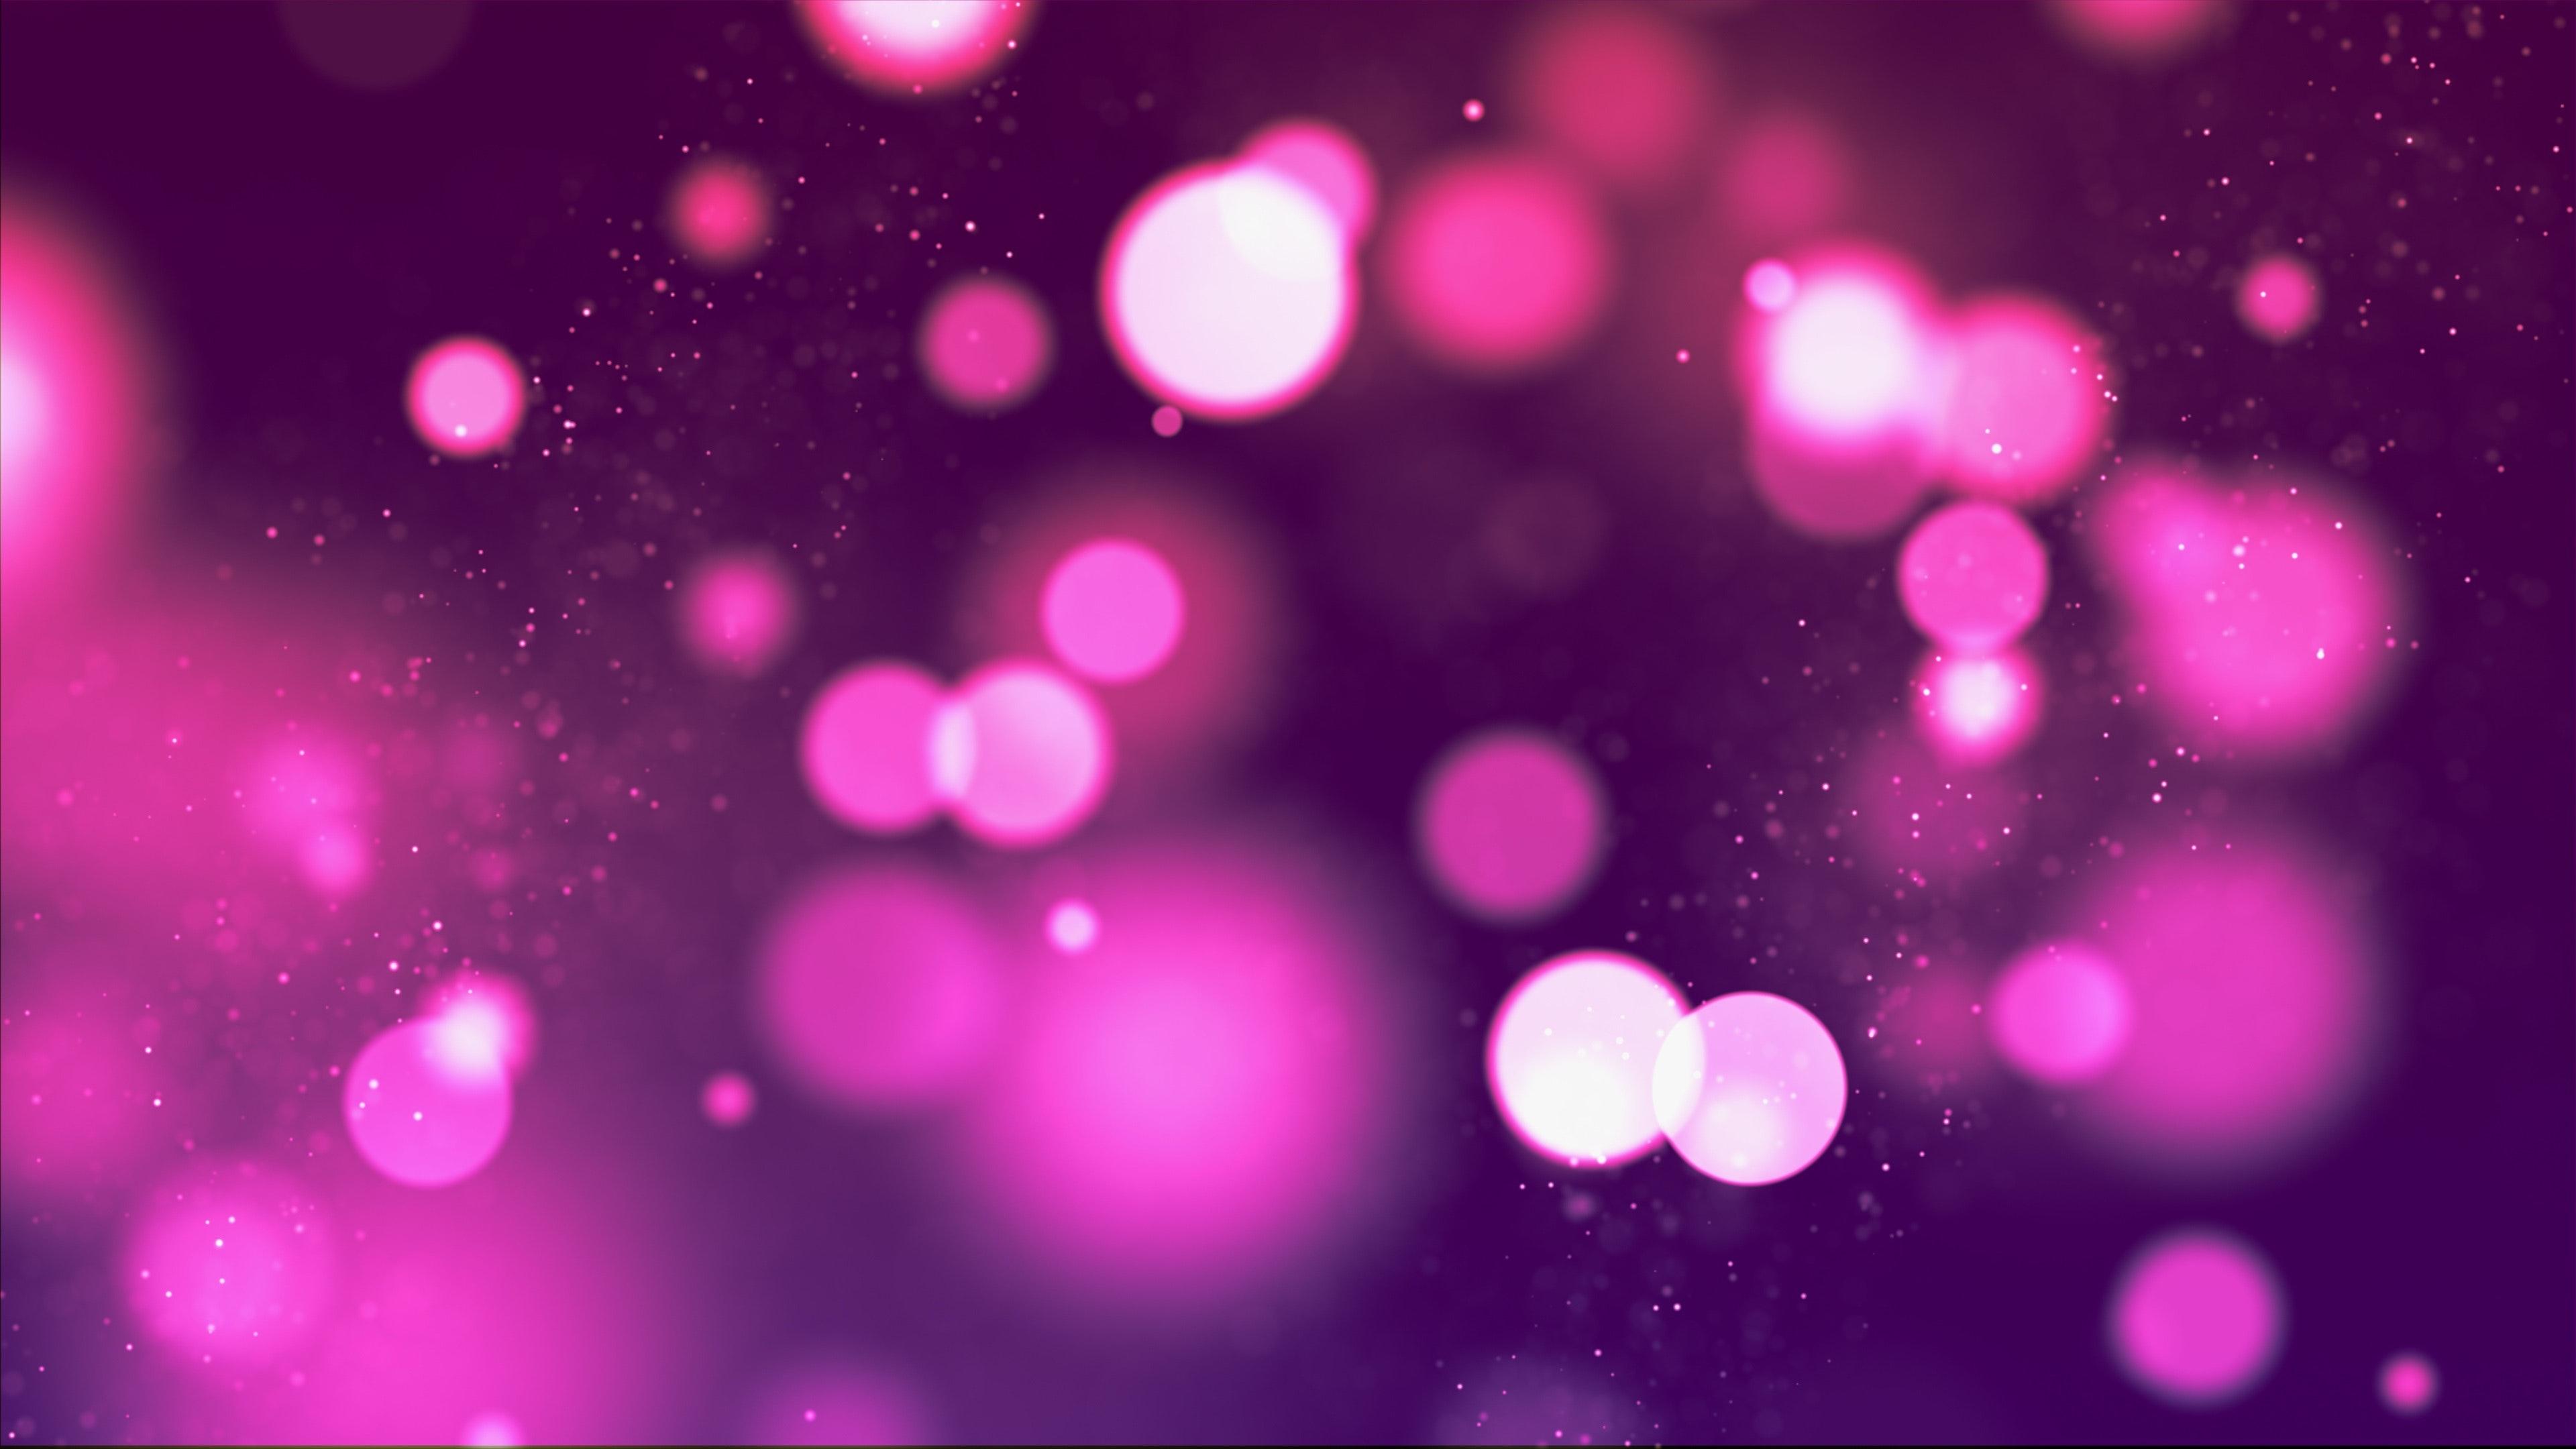 Phông nền lấp lánh cực đẹp